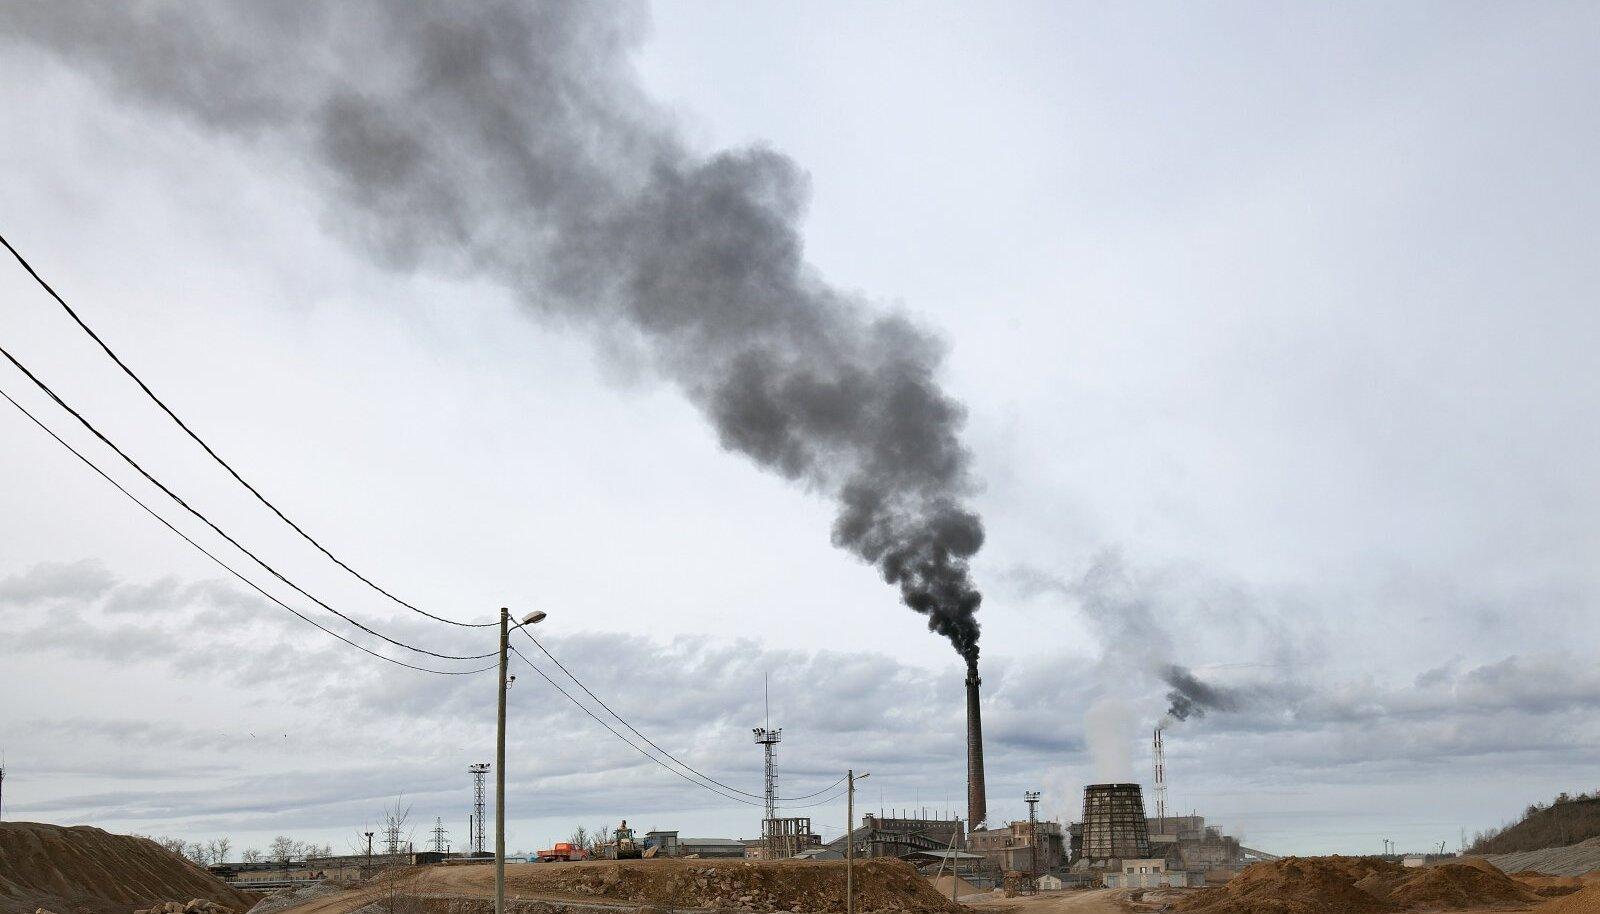 Pärast eriolukorra lõppu hakkab tööstus ja sellest tulenev kasvuhoonegaaside heitkogus kiiresti taastuma.